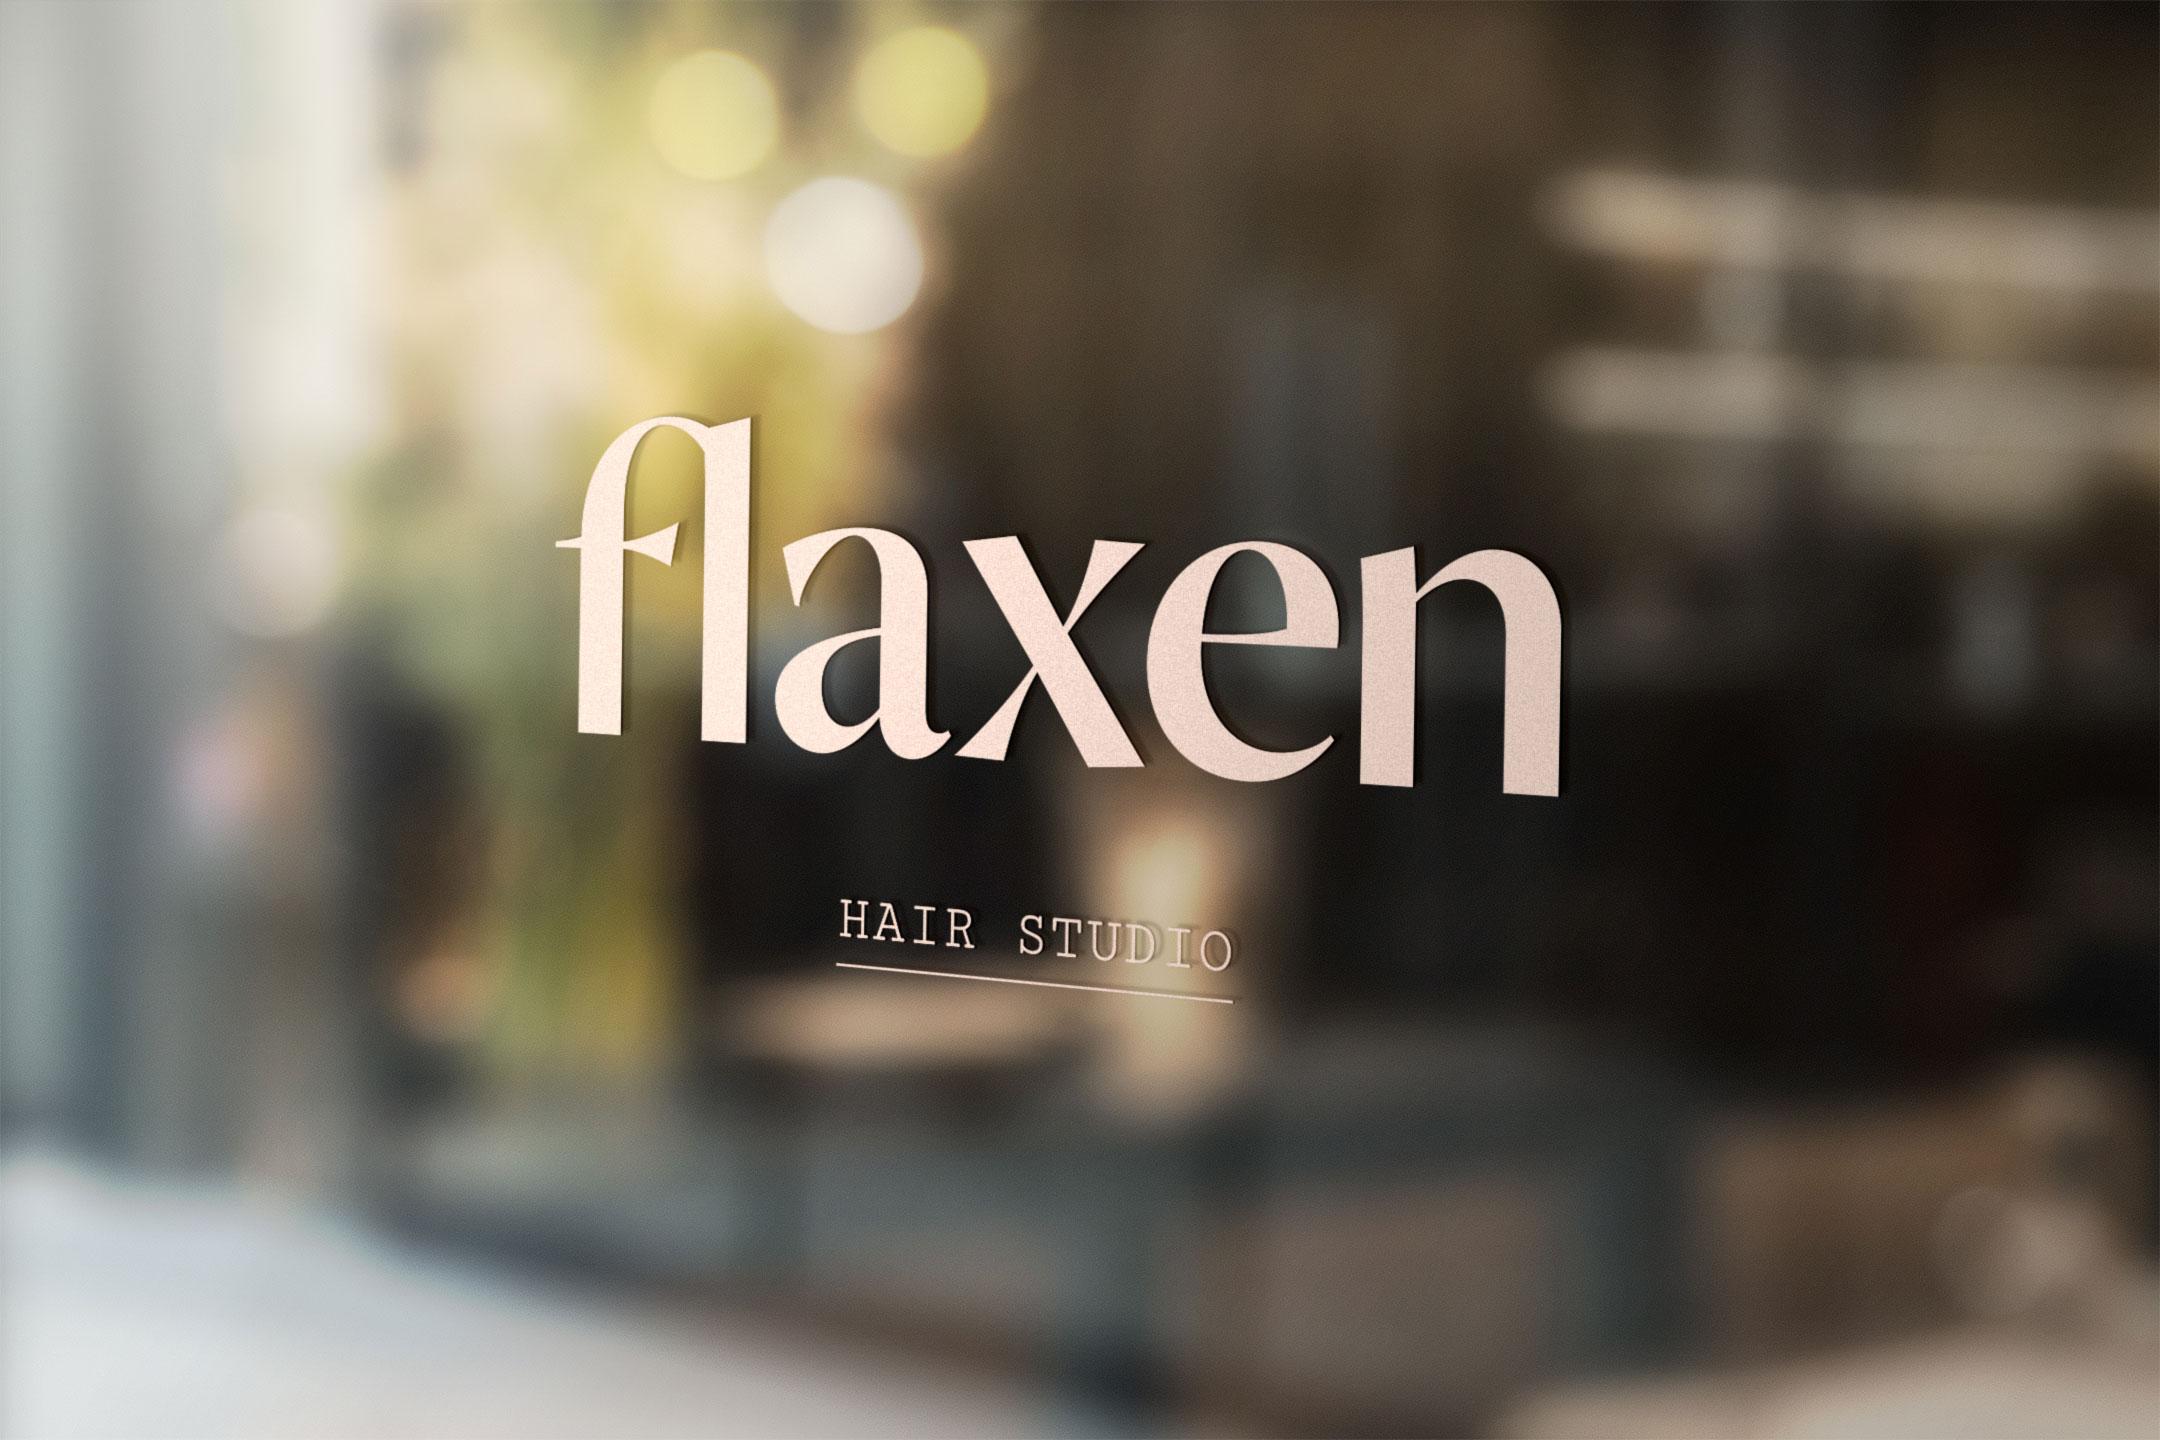 Flaxen_8.jpg